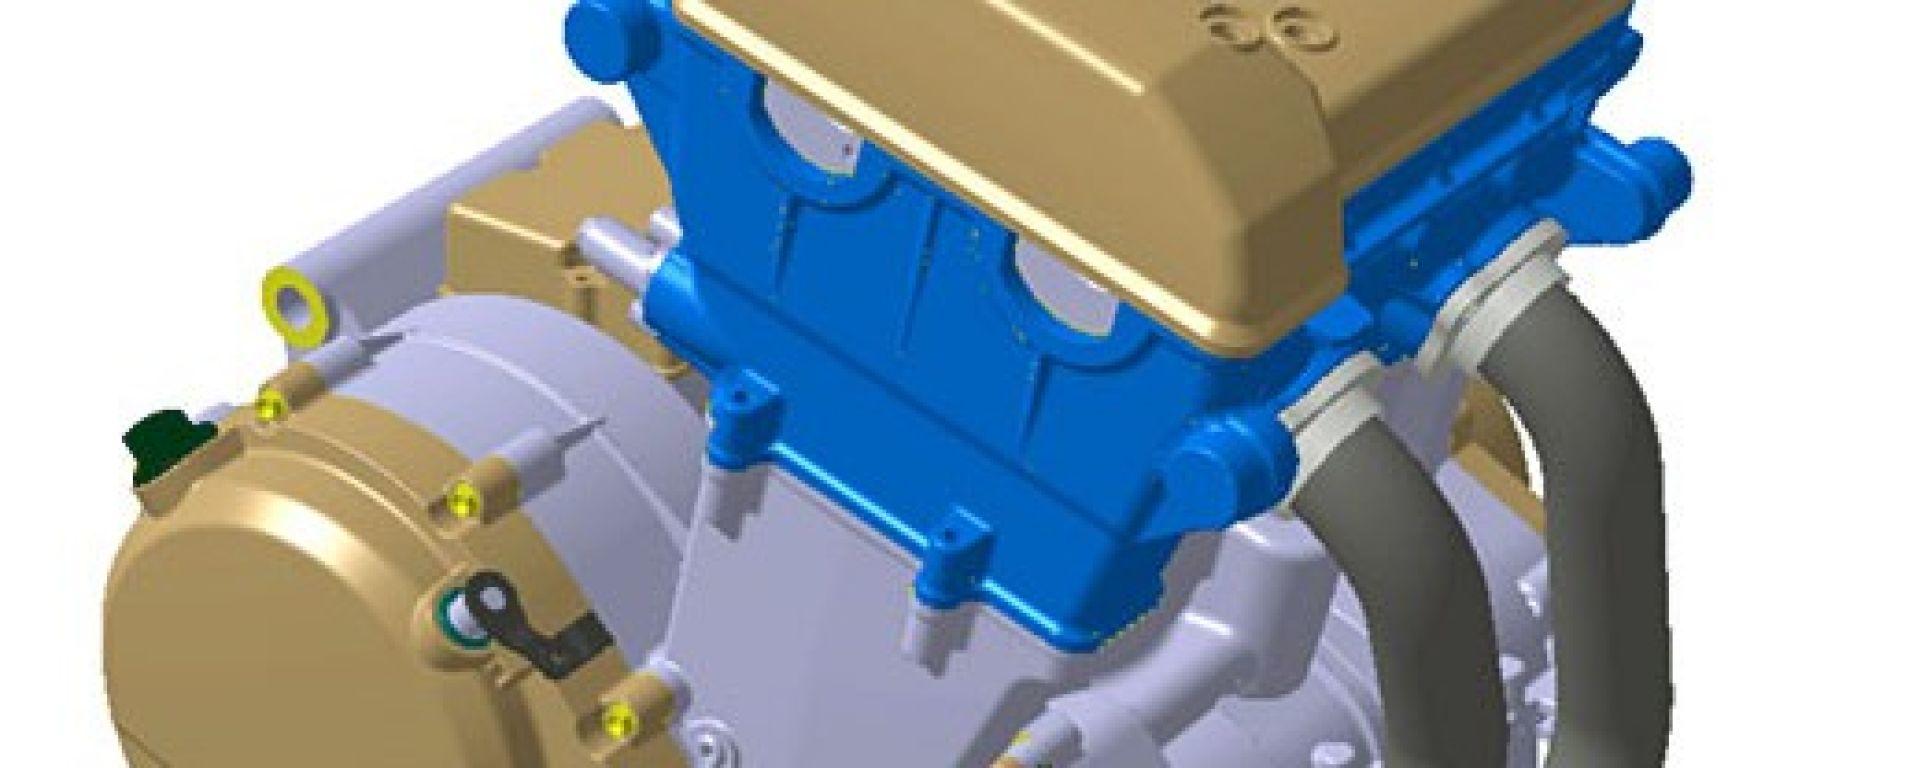 JCB DieselMax: come è fatta l'auto del record